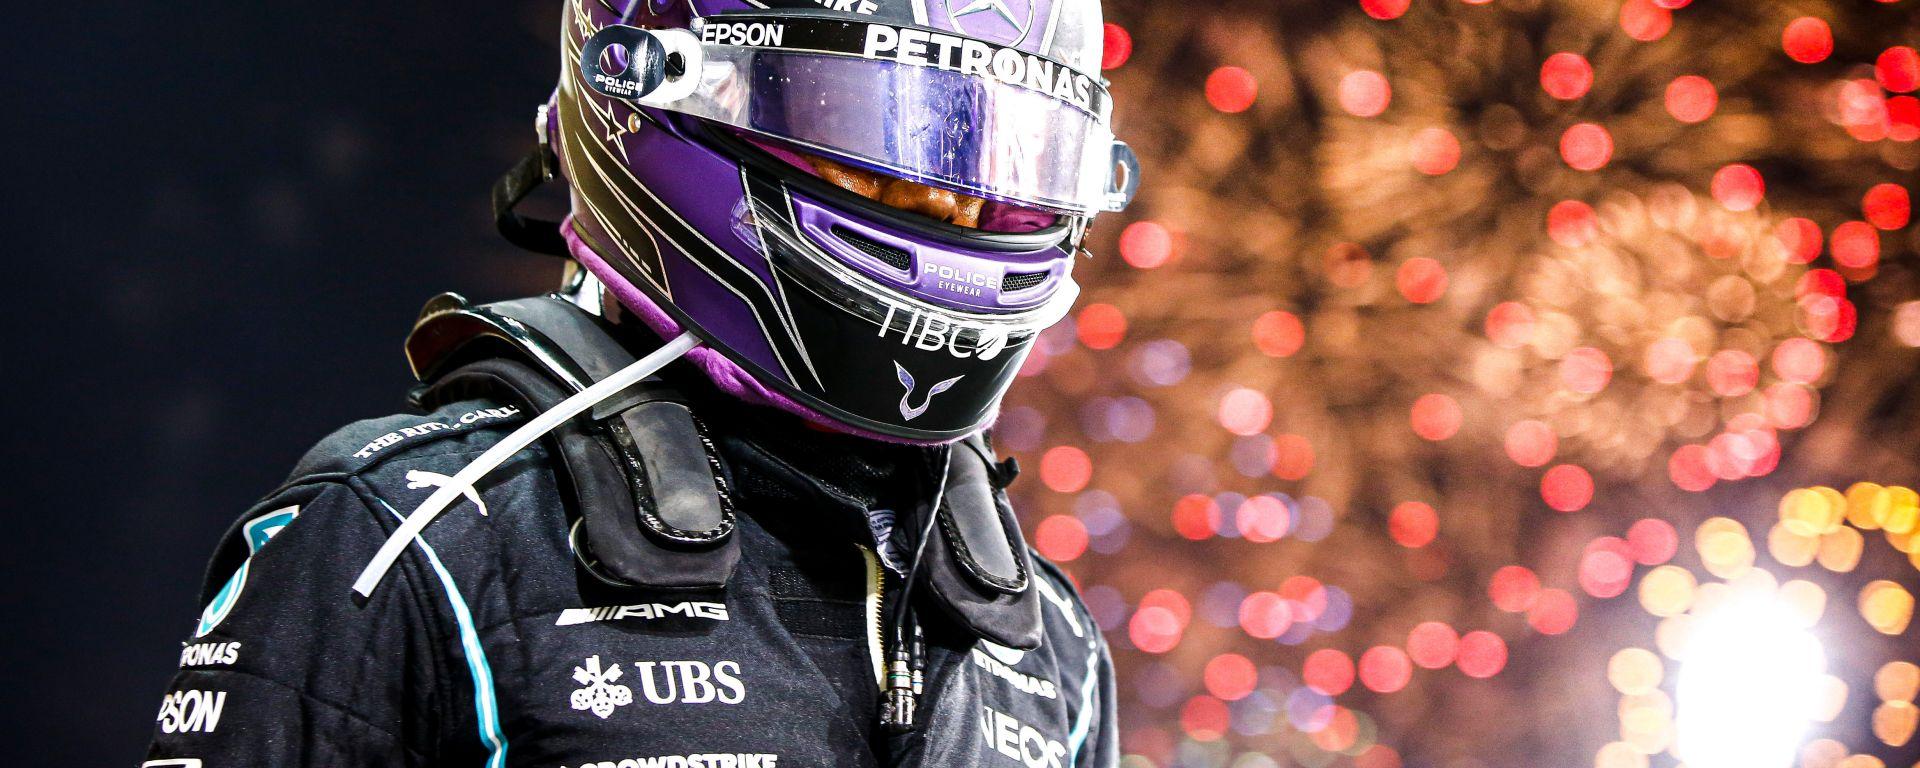 F1 GP Bahrain 2021, Sakhir: Lewis Hamilton (Mercedes AMG F1) festeggia la vittoria